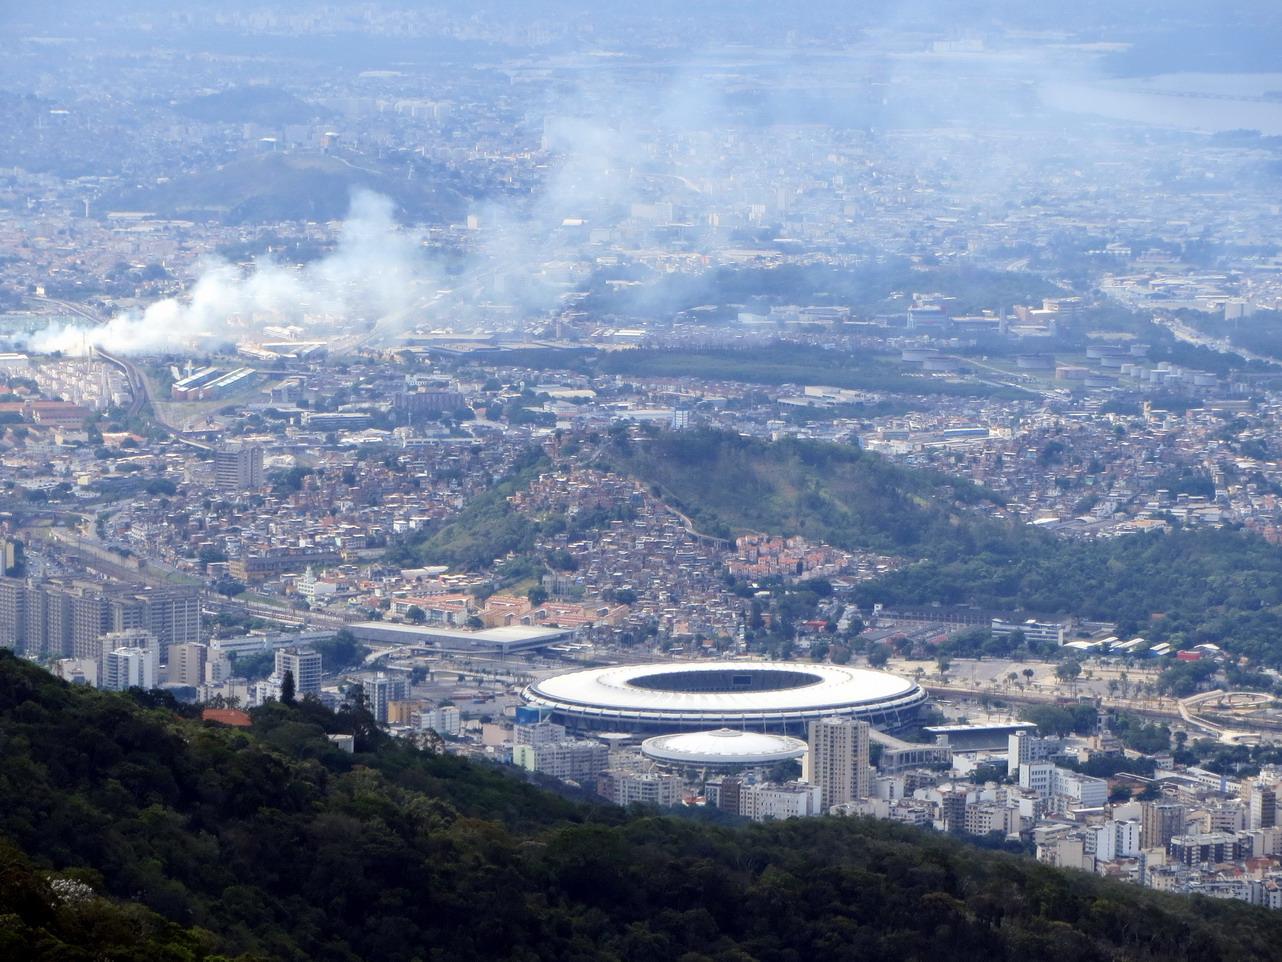 19. Le fameux stade de Maracana, qui peut accueillir 100 000 spectateurs